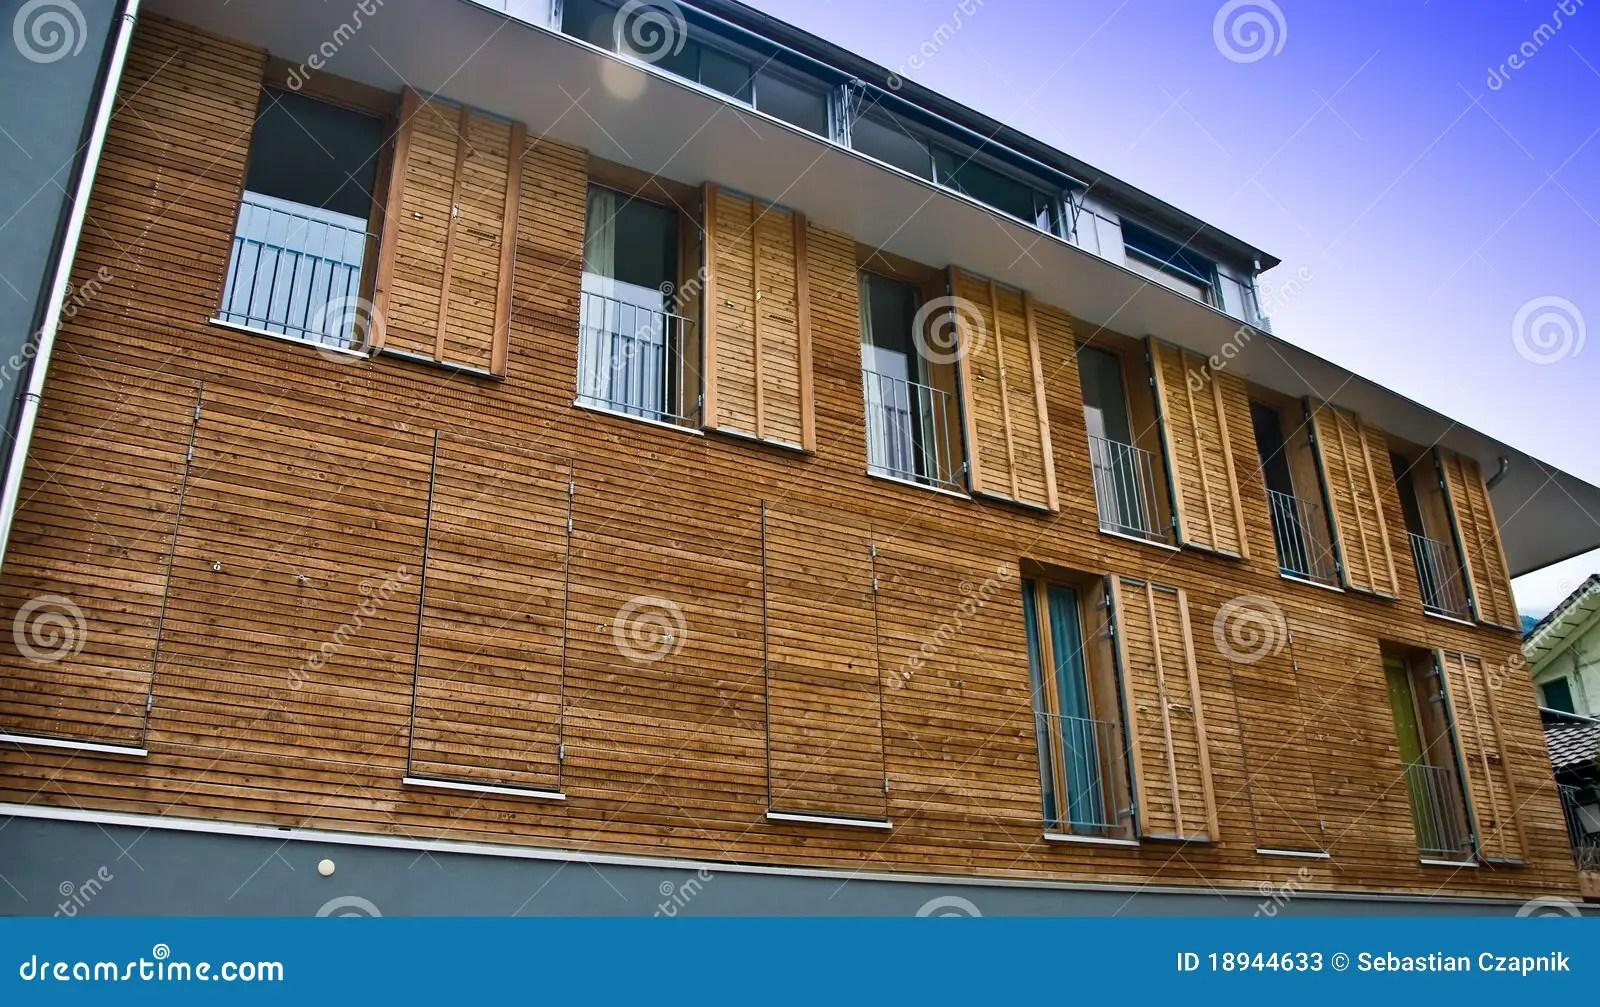 Modern Wooden House Facade Stock Photos  Image 18944633